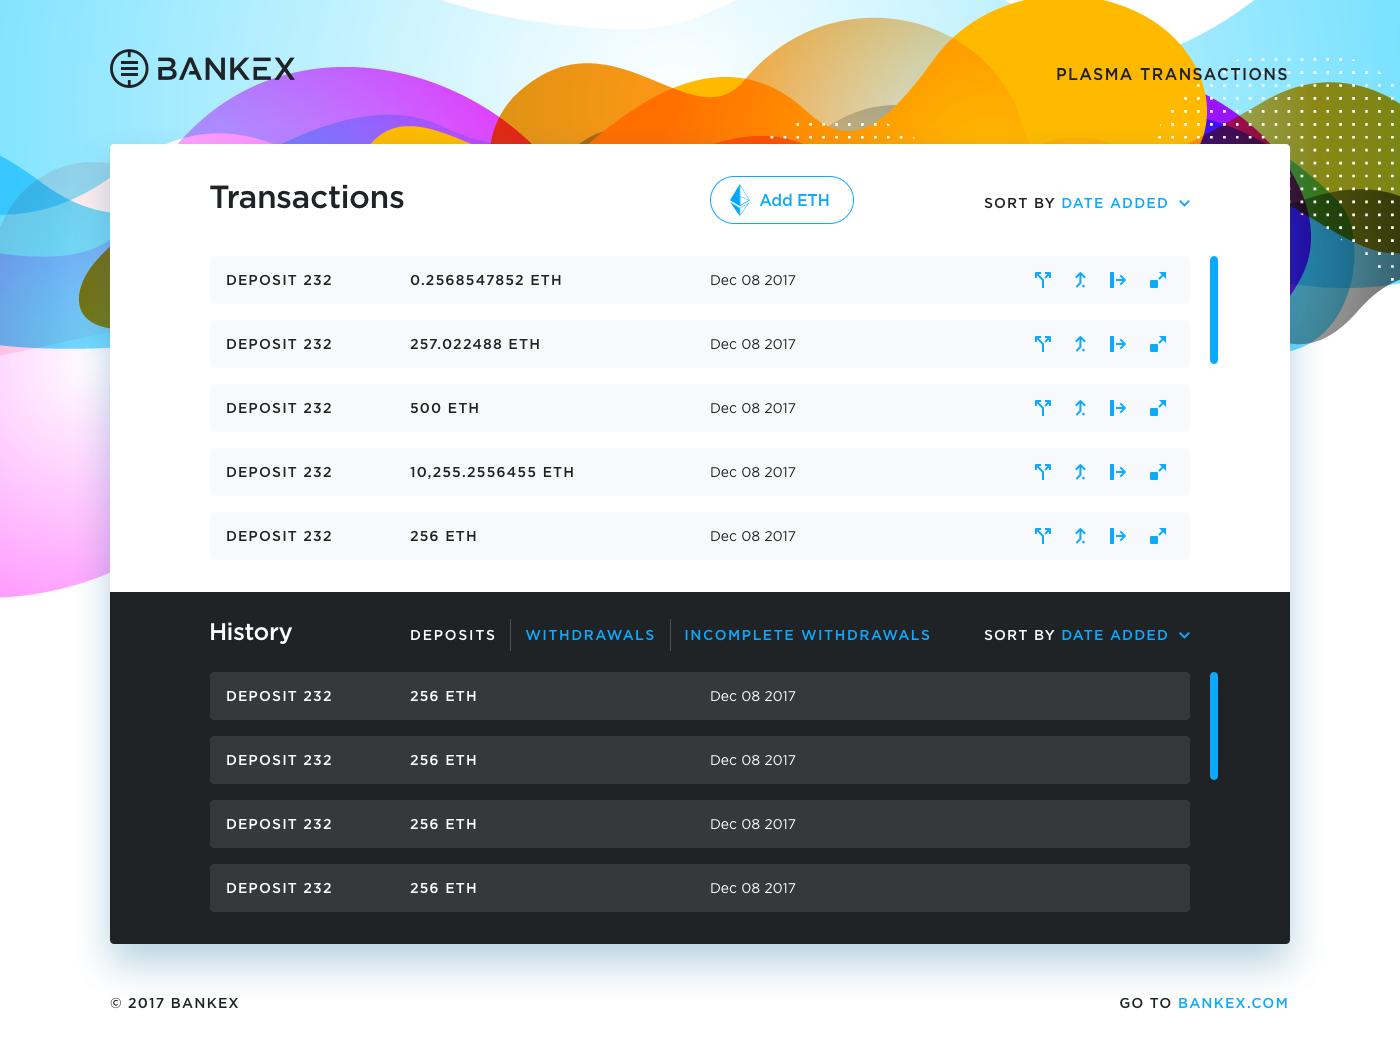 BANKEX-plasma main screen.png